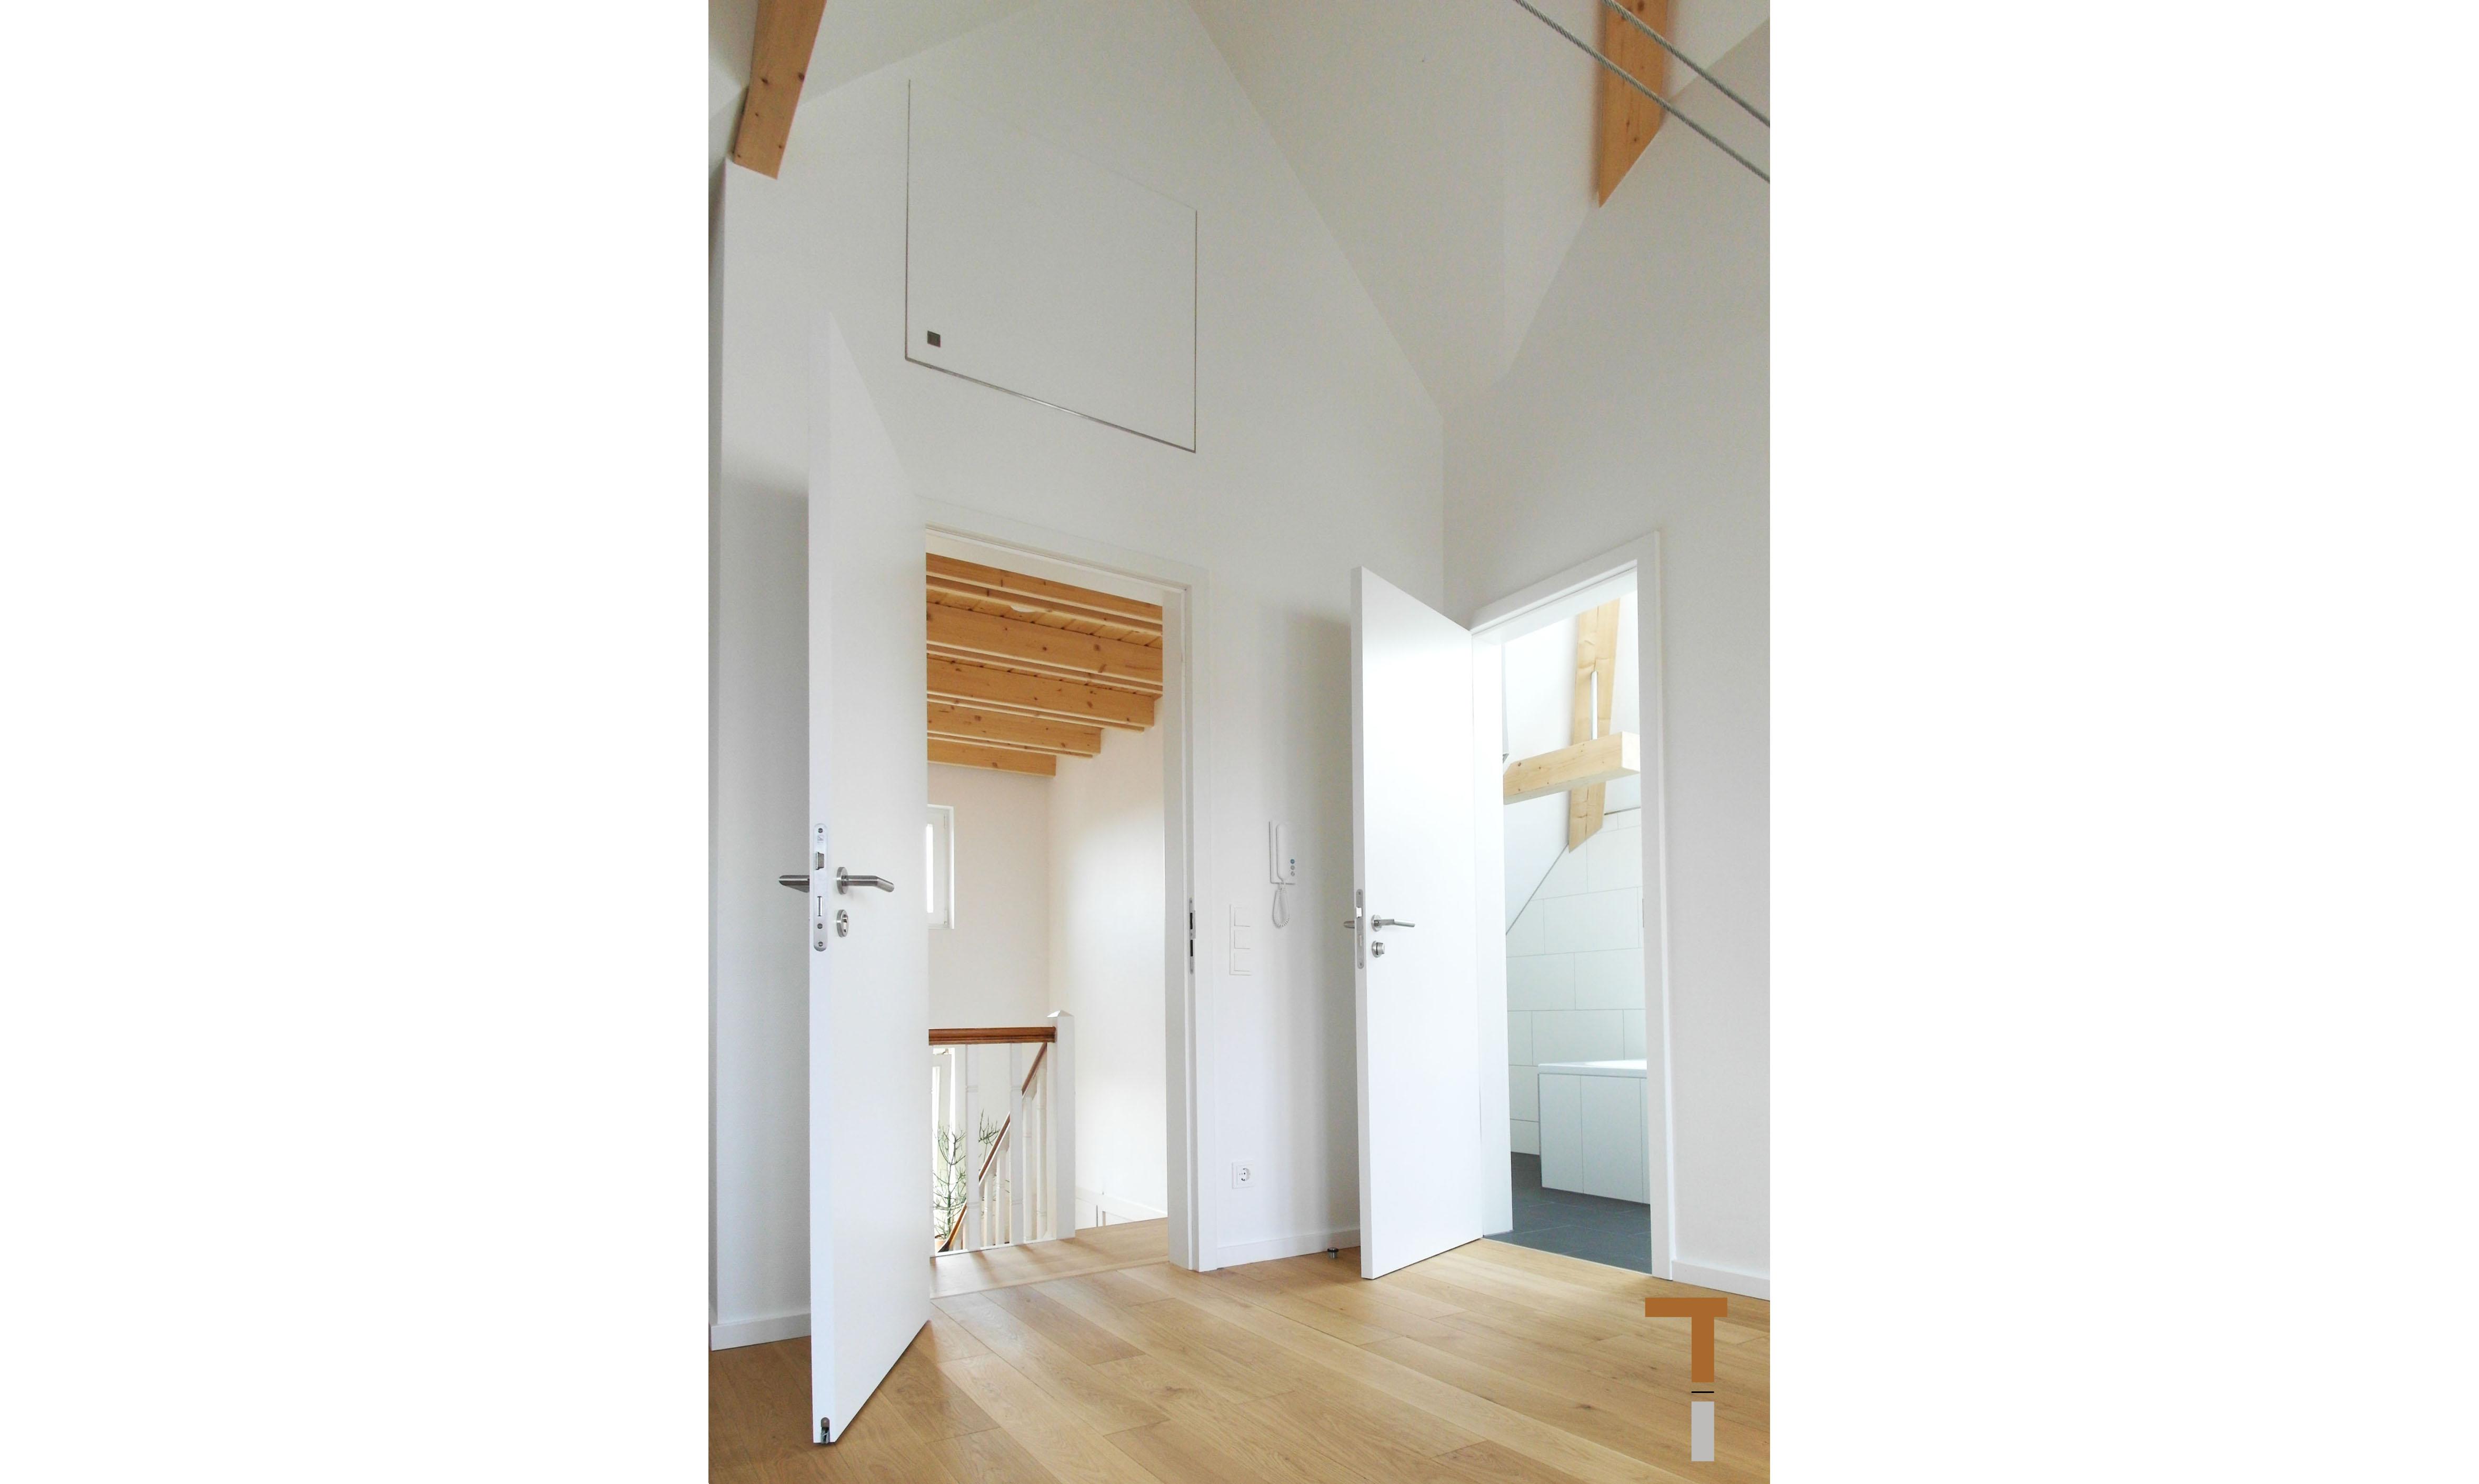 Dachgeschoss / Erschließung